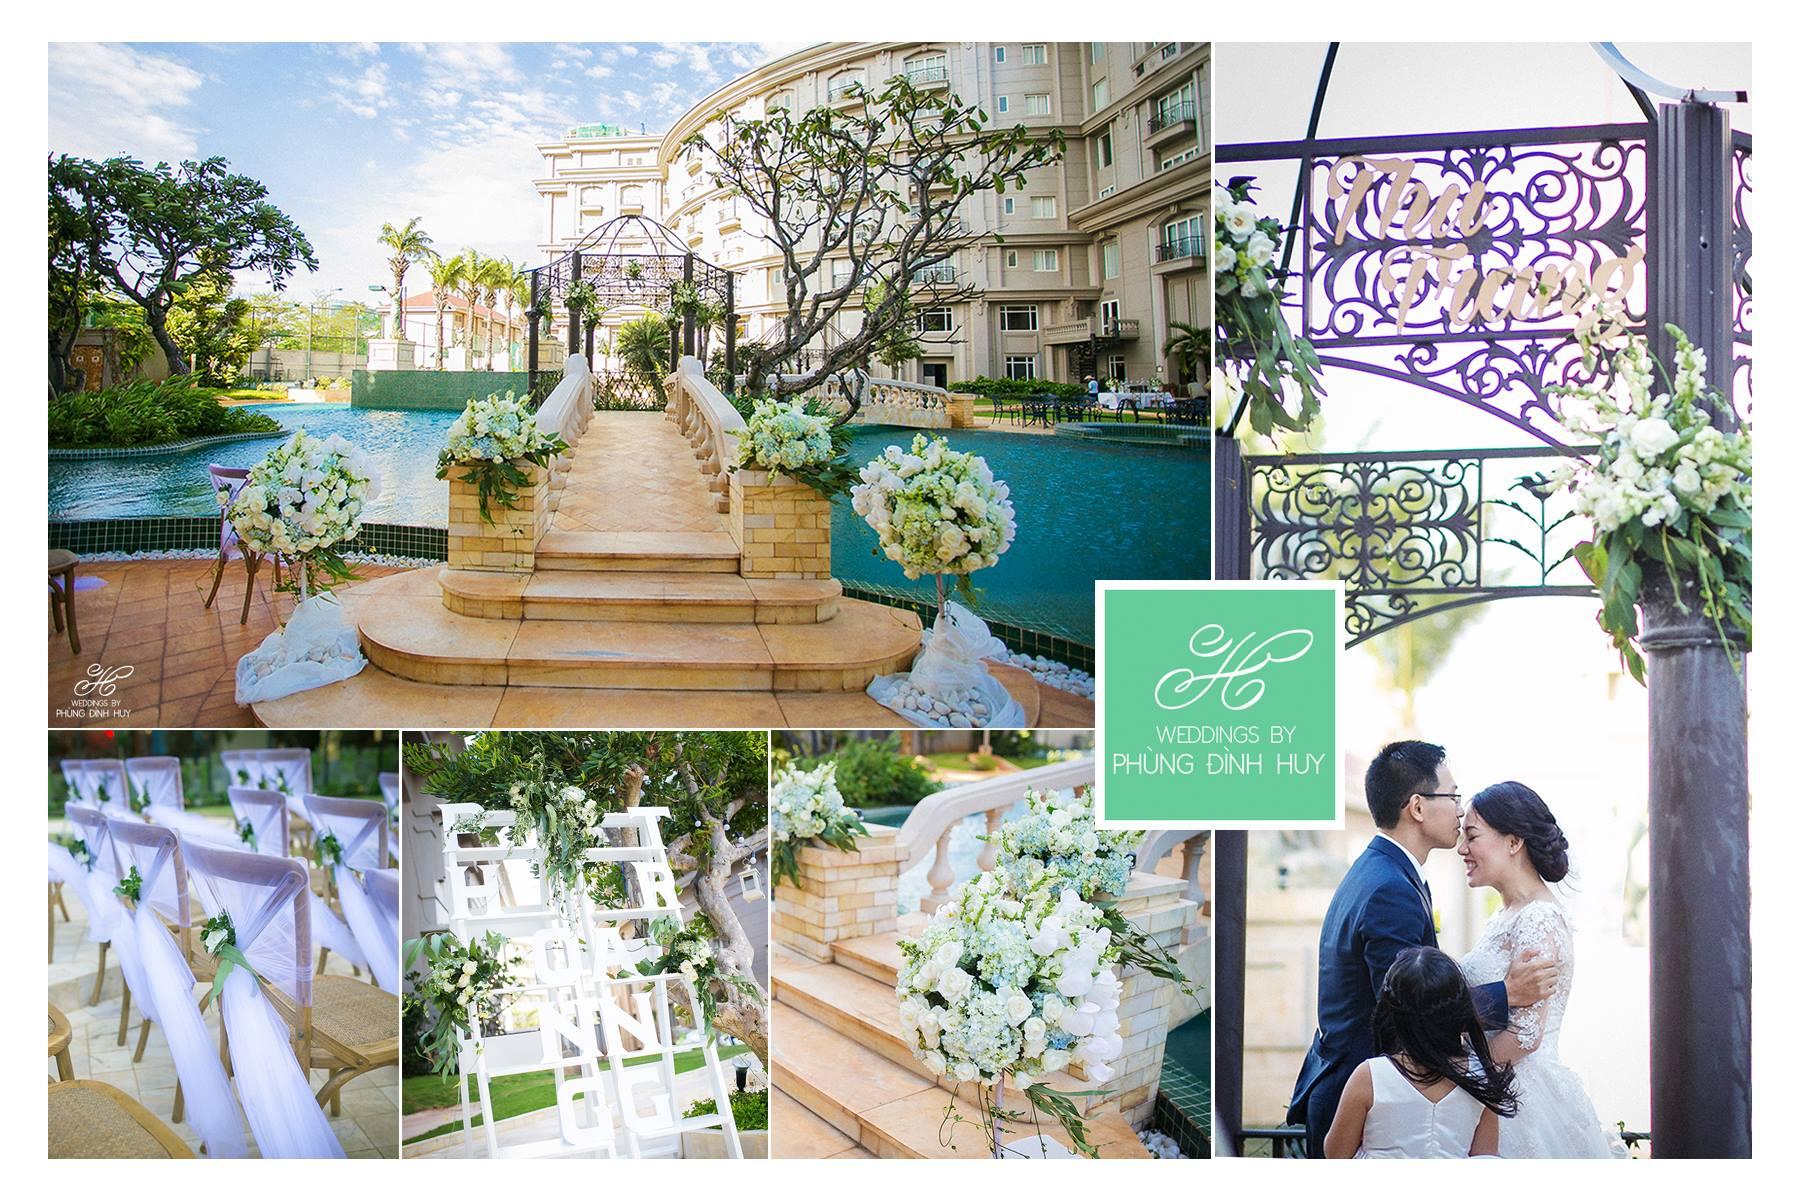 tiệc cưới ở khách sạn imperial vũng tàu 3